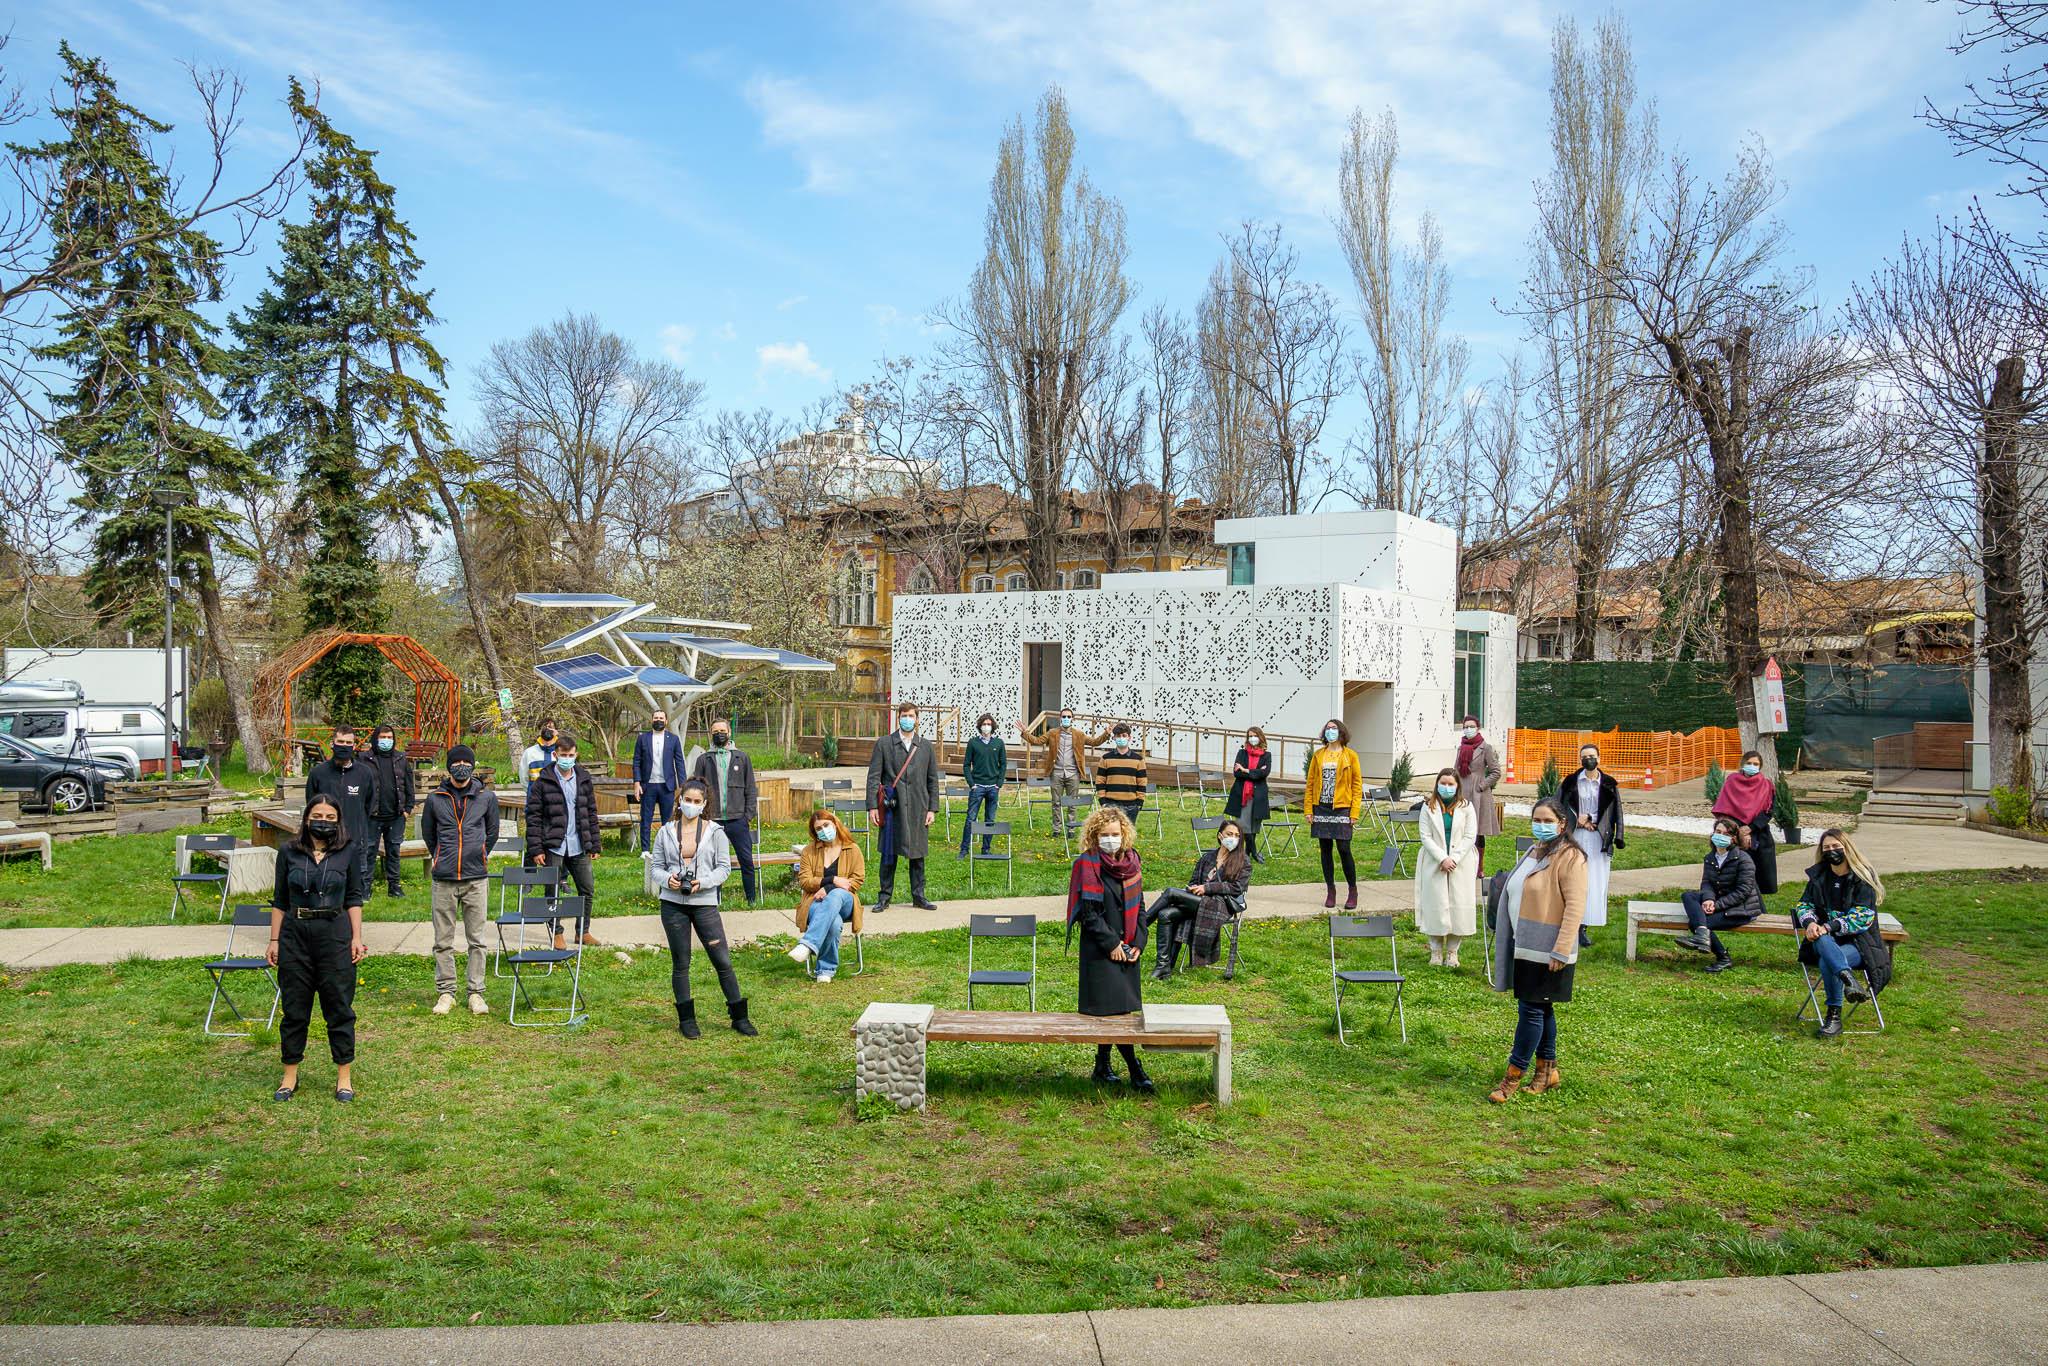 Bucureștiul s-a calificat! Capitala României este gazda Solar Decathlon Europe 2023, Olimpiada Internațională a Caselor Solare